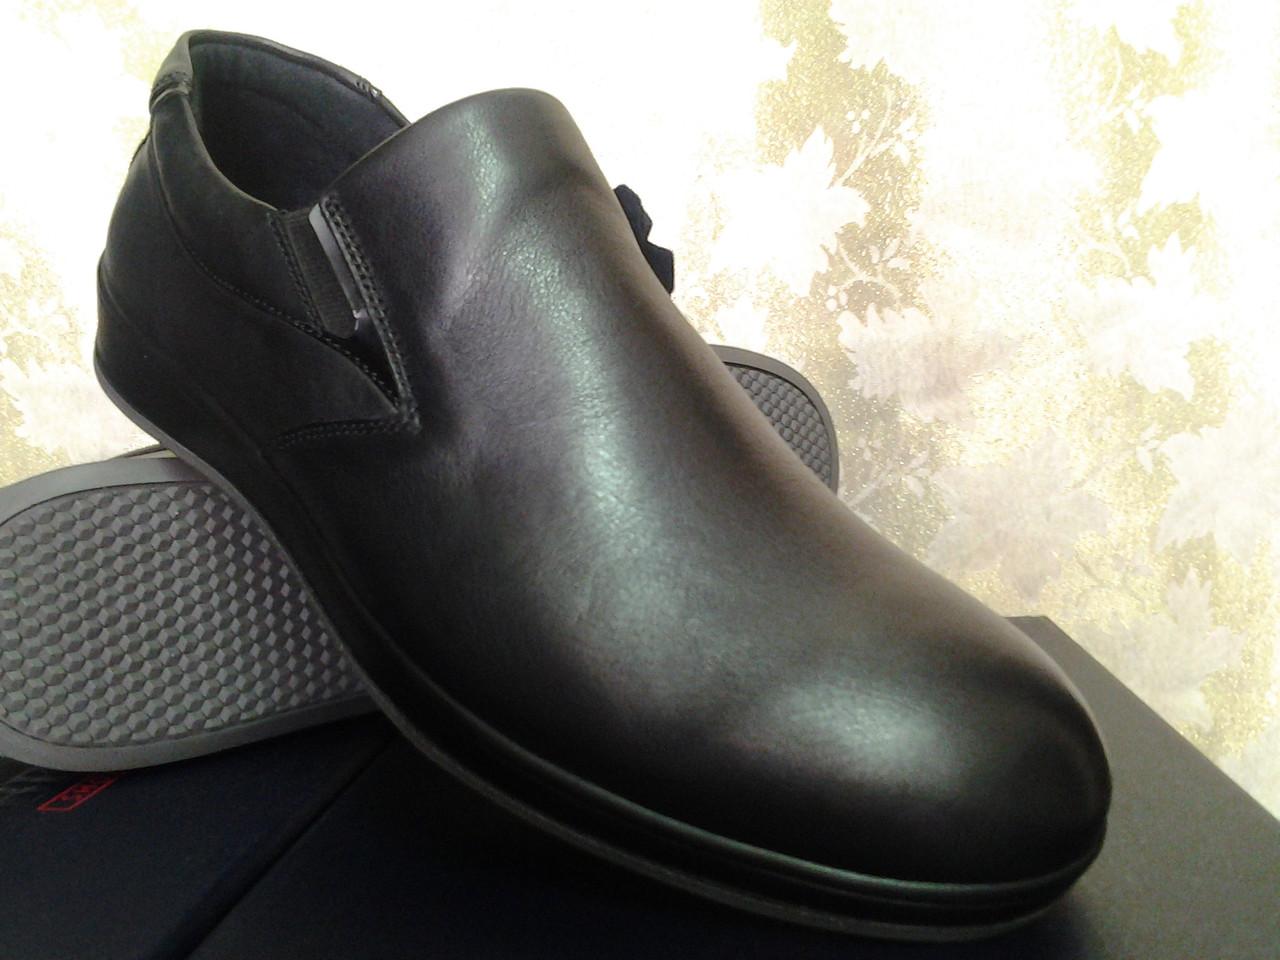 Мужские кожаные демисезонные полуботинки Bertoni - Интернет-магазин  Piligrim-shoes в Одессе 020dd3c7e1d01